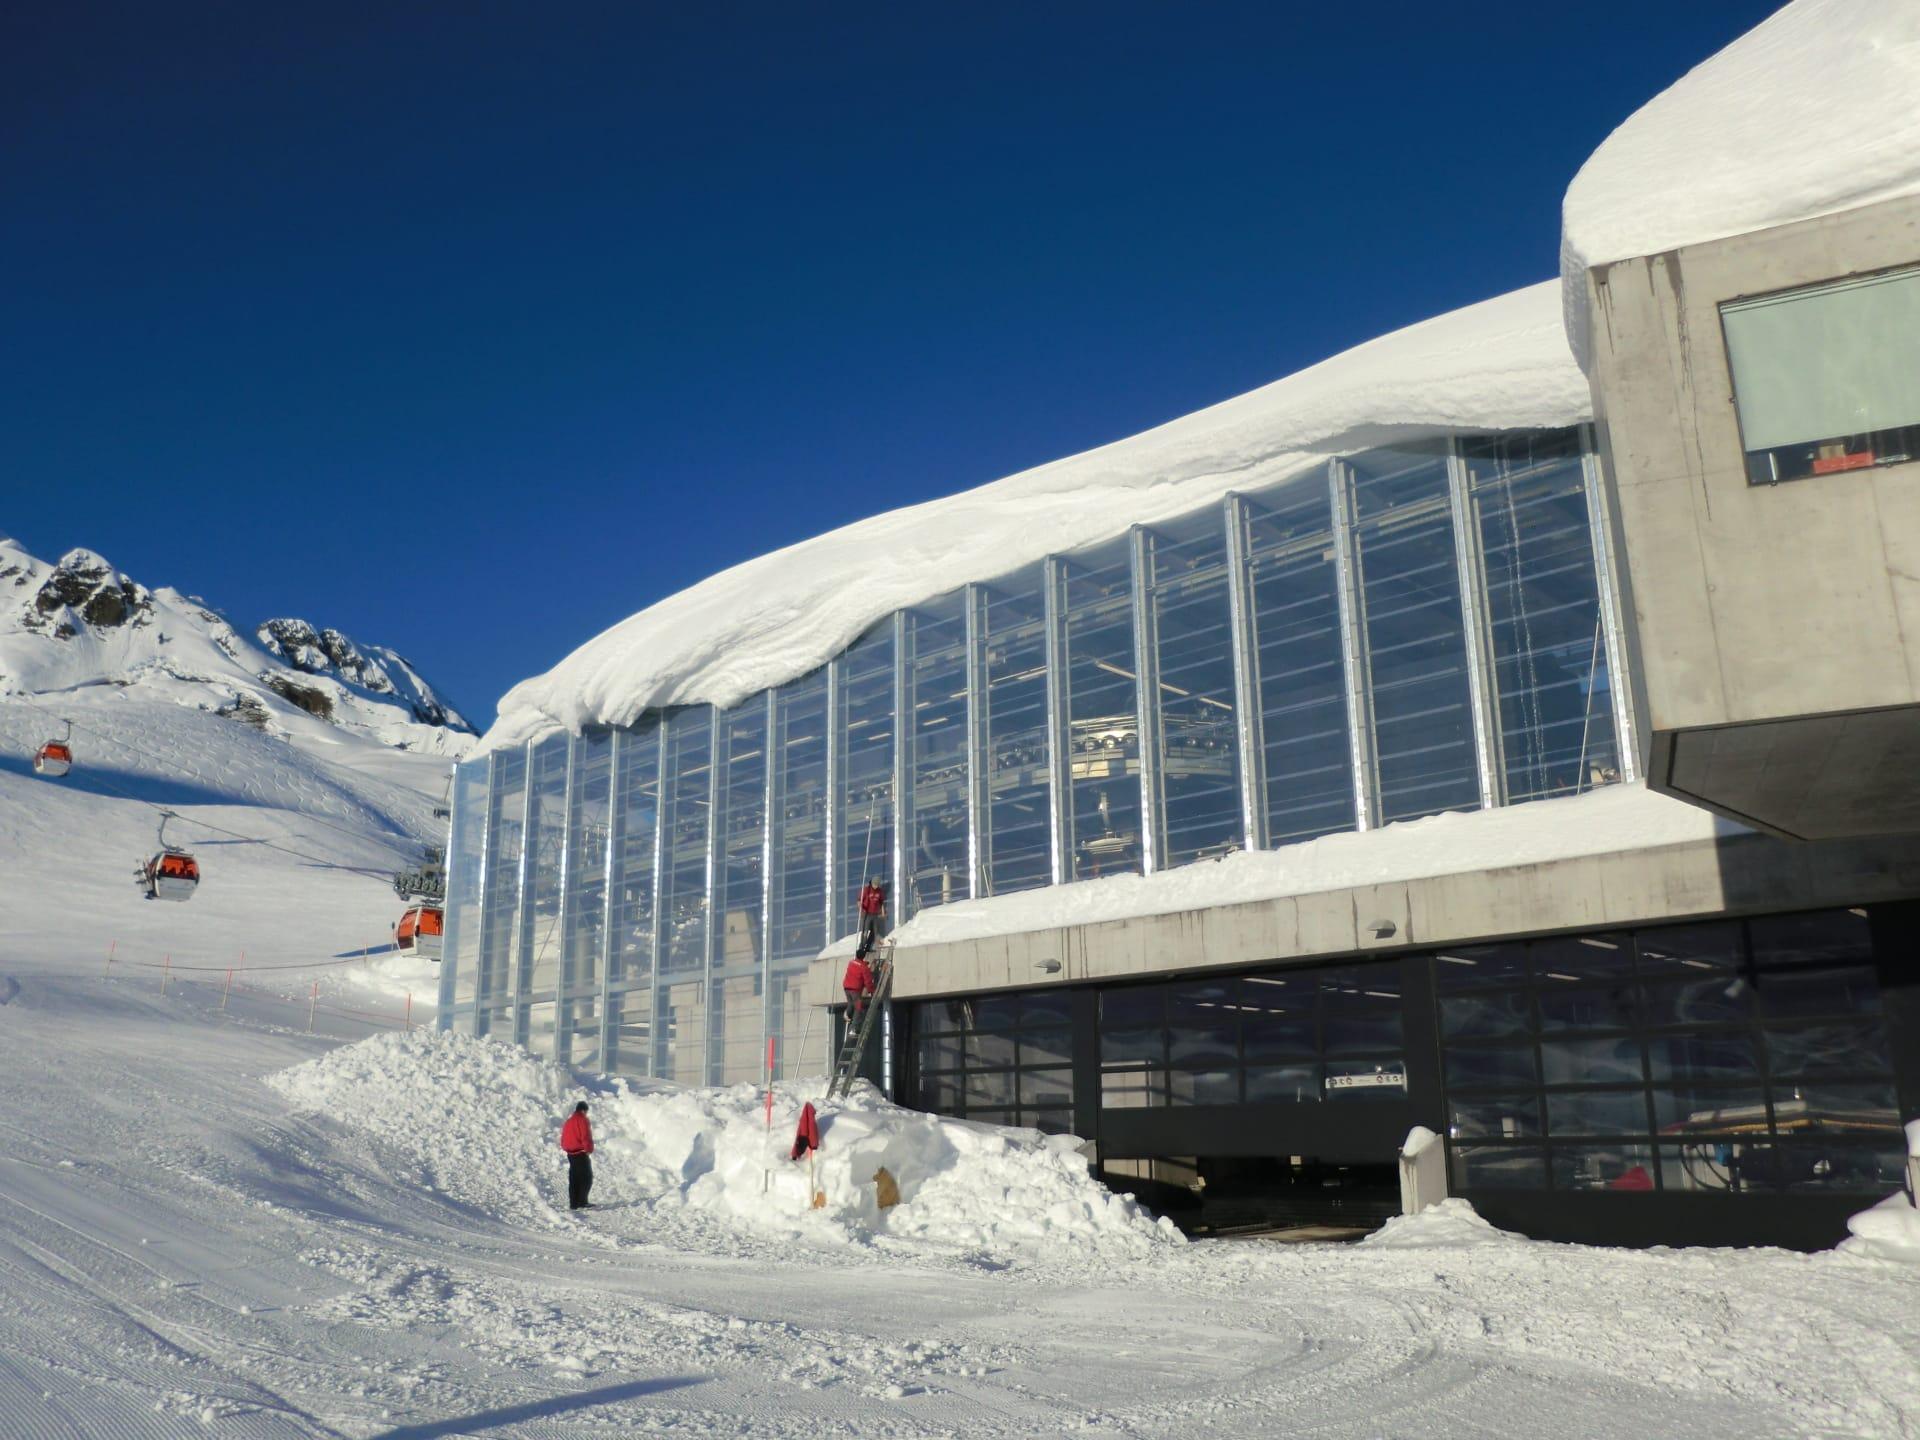 ETFE eröffnet Möglichkeit im alpinen Klima